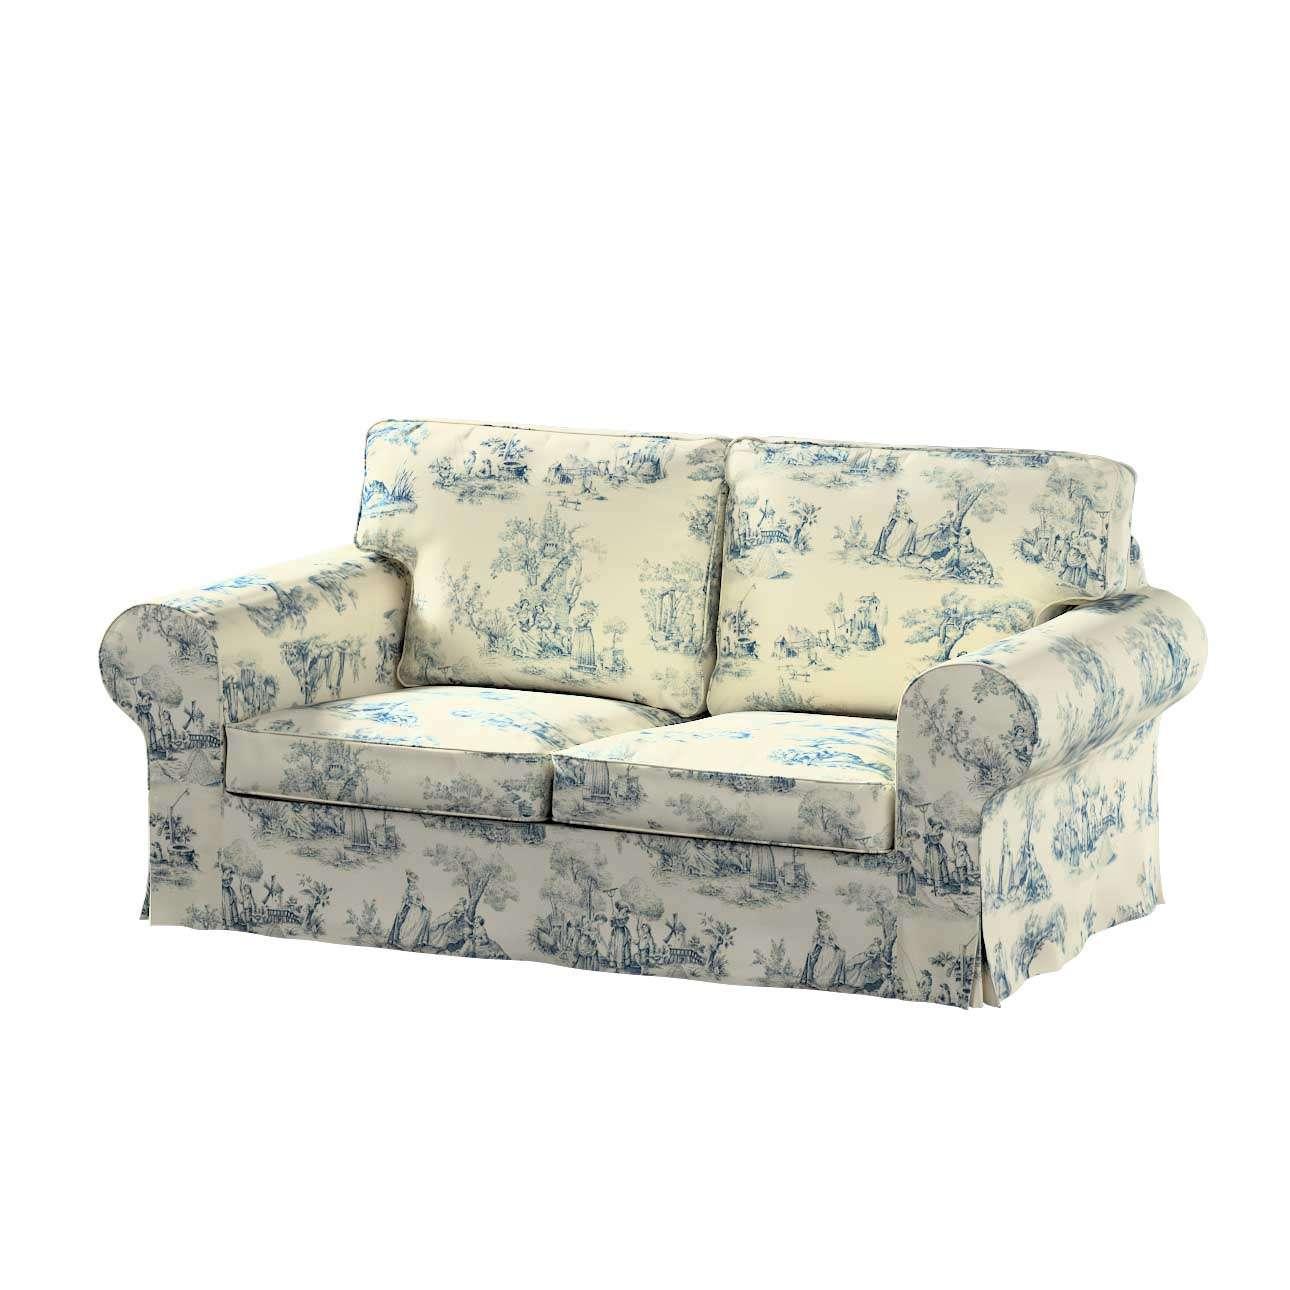 Pokrowiec na sofę Ektorp 2-osobową, rozkładaną STARY MODEL Sofa Ektorp 2-osobowa rozkładana w kolekcji Avinon, tkanina: 132-66